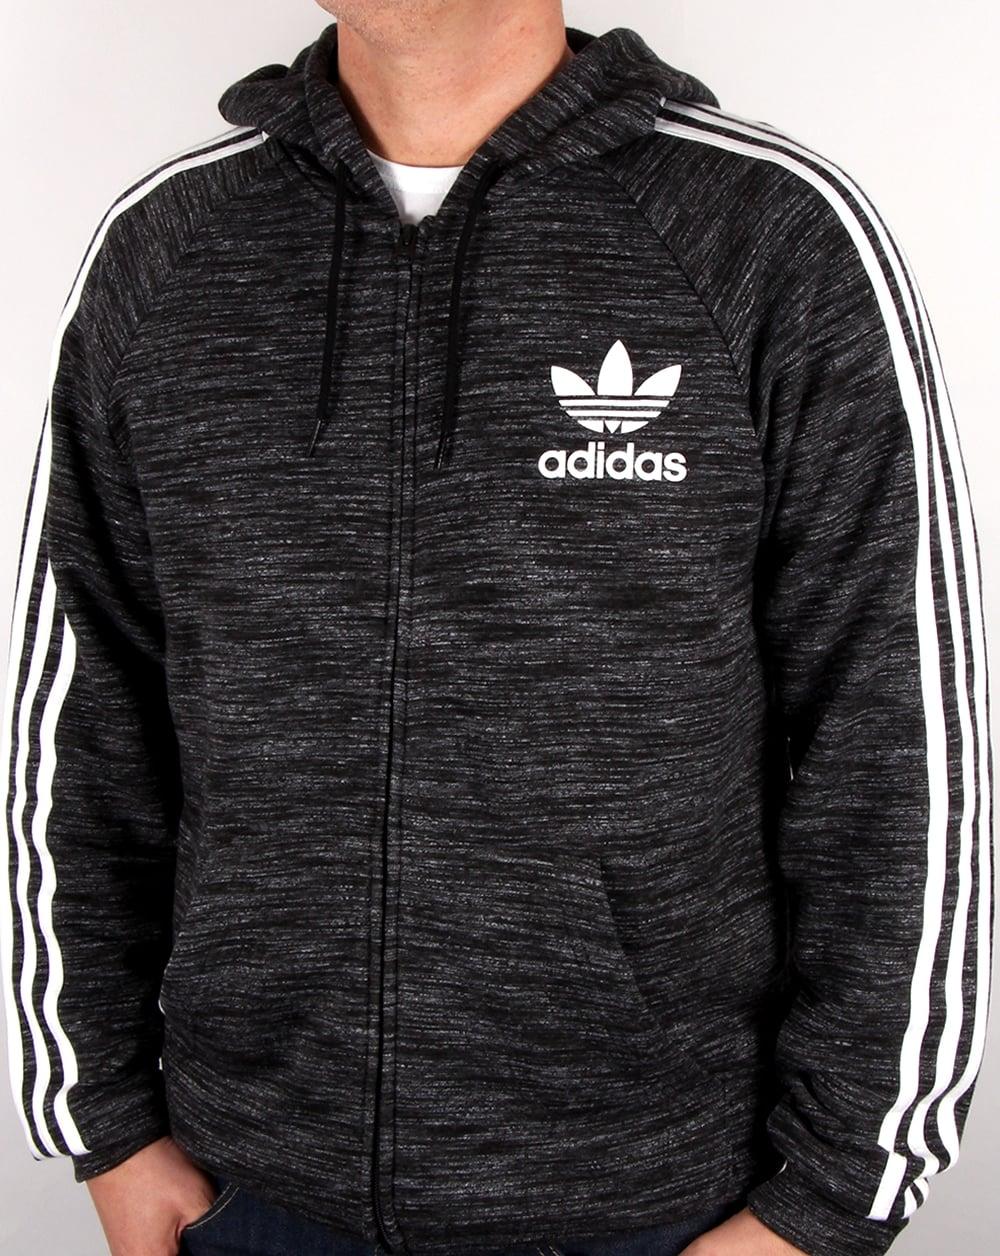 67c549a4 Adidas Originals California Fz Hoody Black, Men's, Top